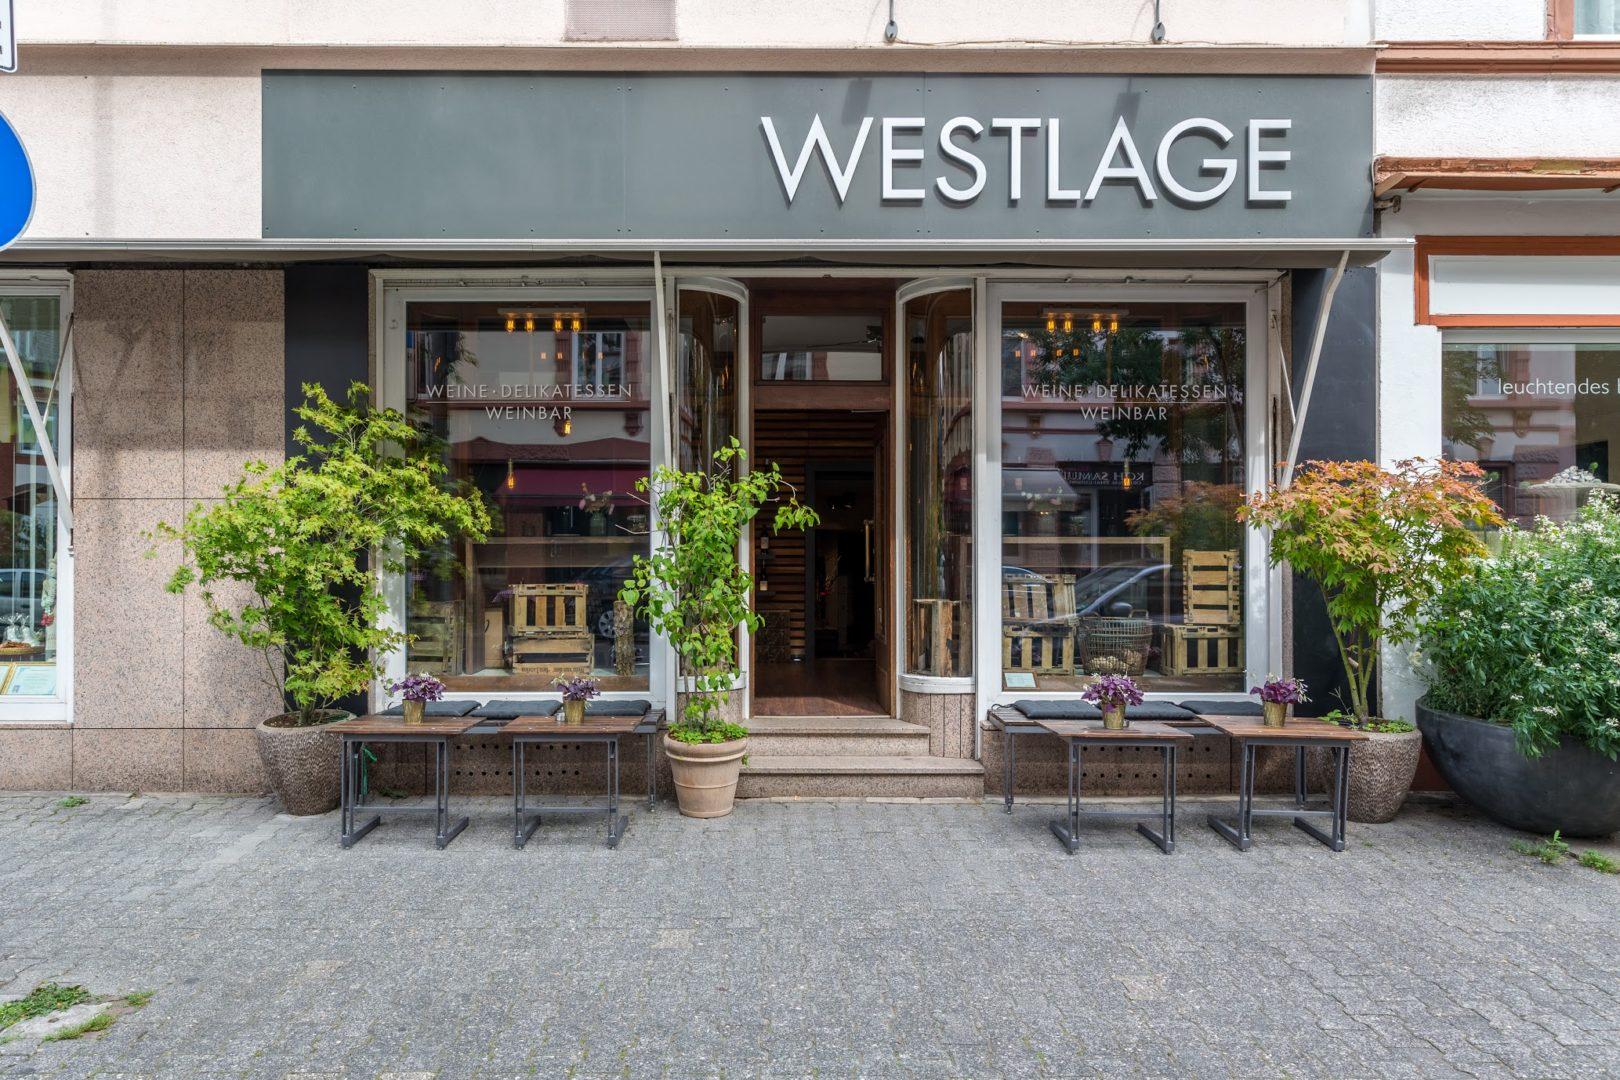 Weinbar Frankfurt Westlage Laden